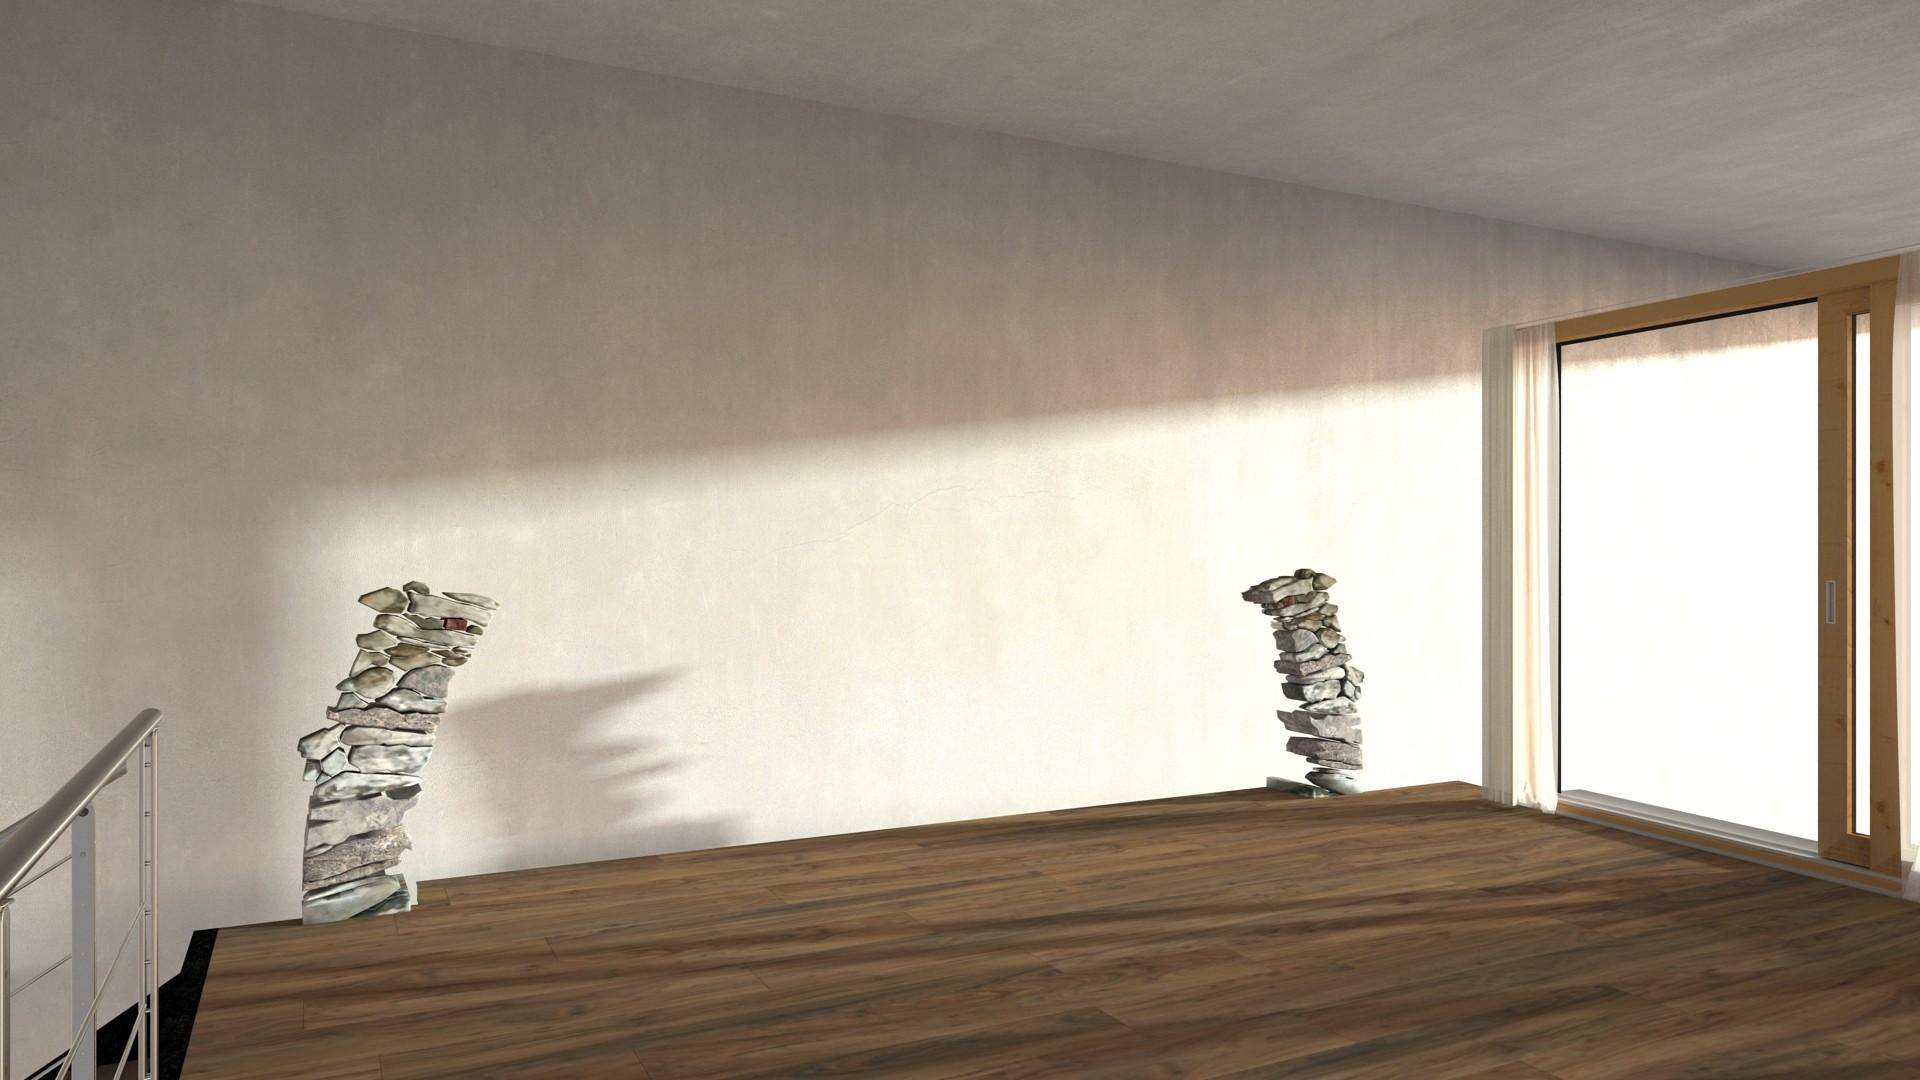 Duane kemp rivendell salon arch demo scene 40